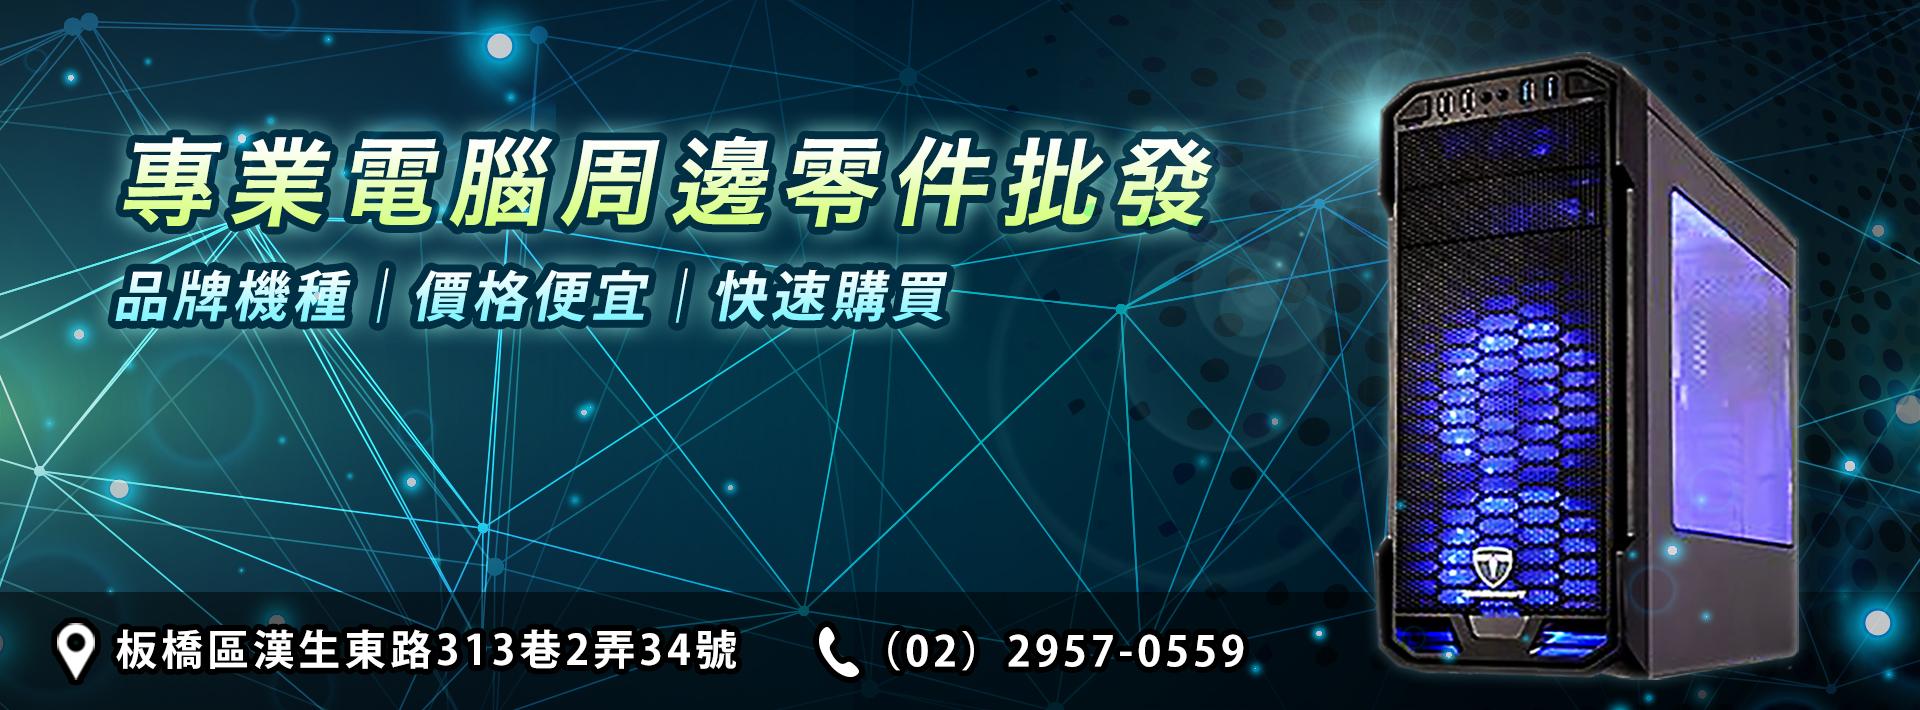 宇豐電腦_商城封面.jpg